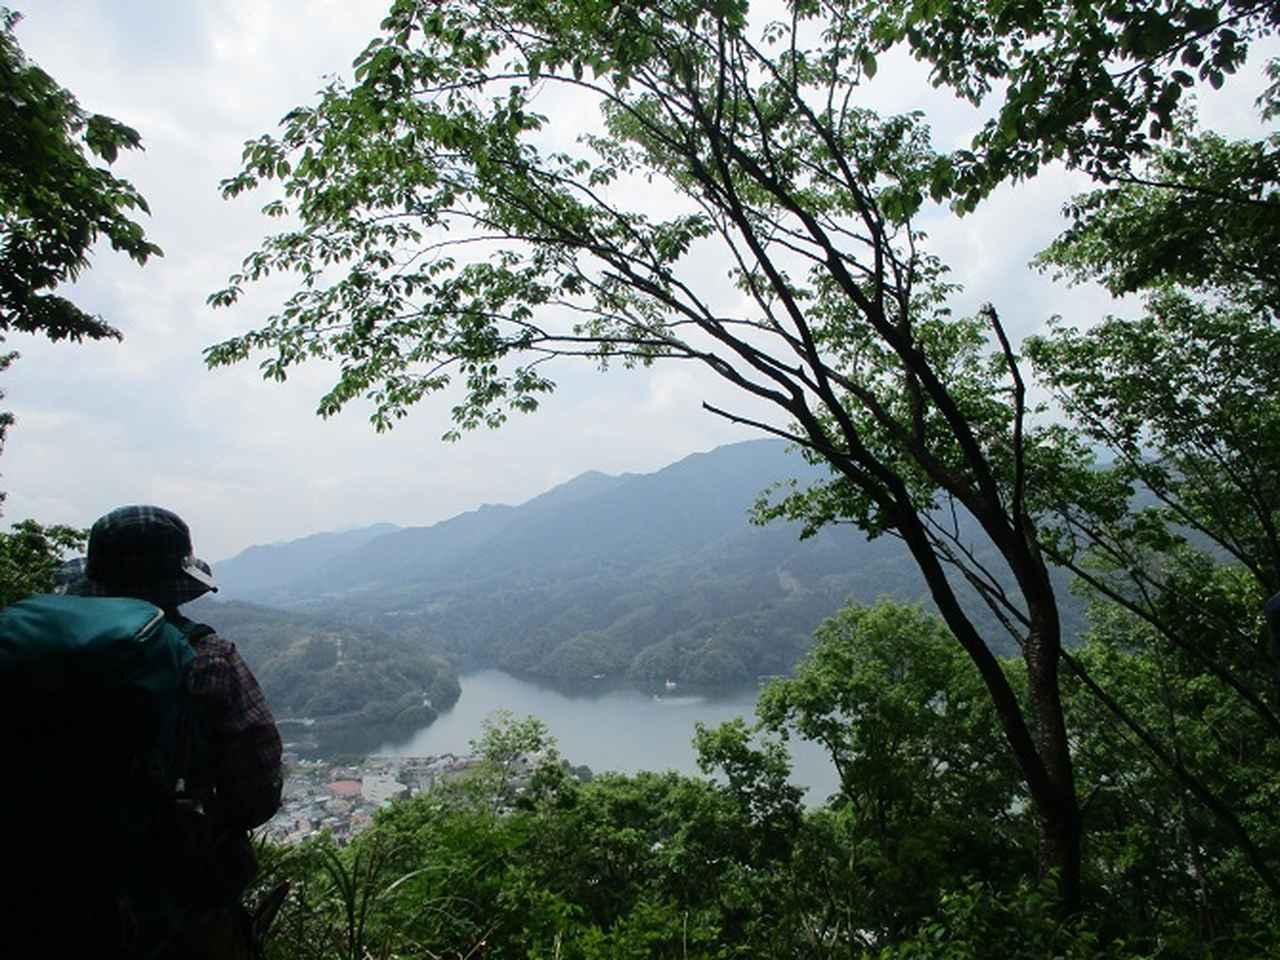 画像1: 5月18日に山旅会 「相模湖から陣馬山」 ツアーに行ってきました!